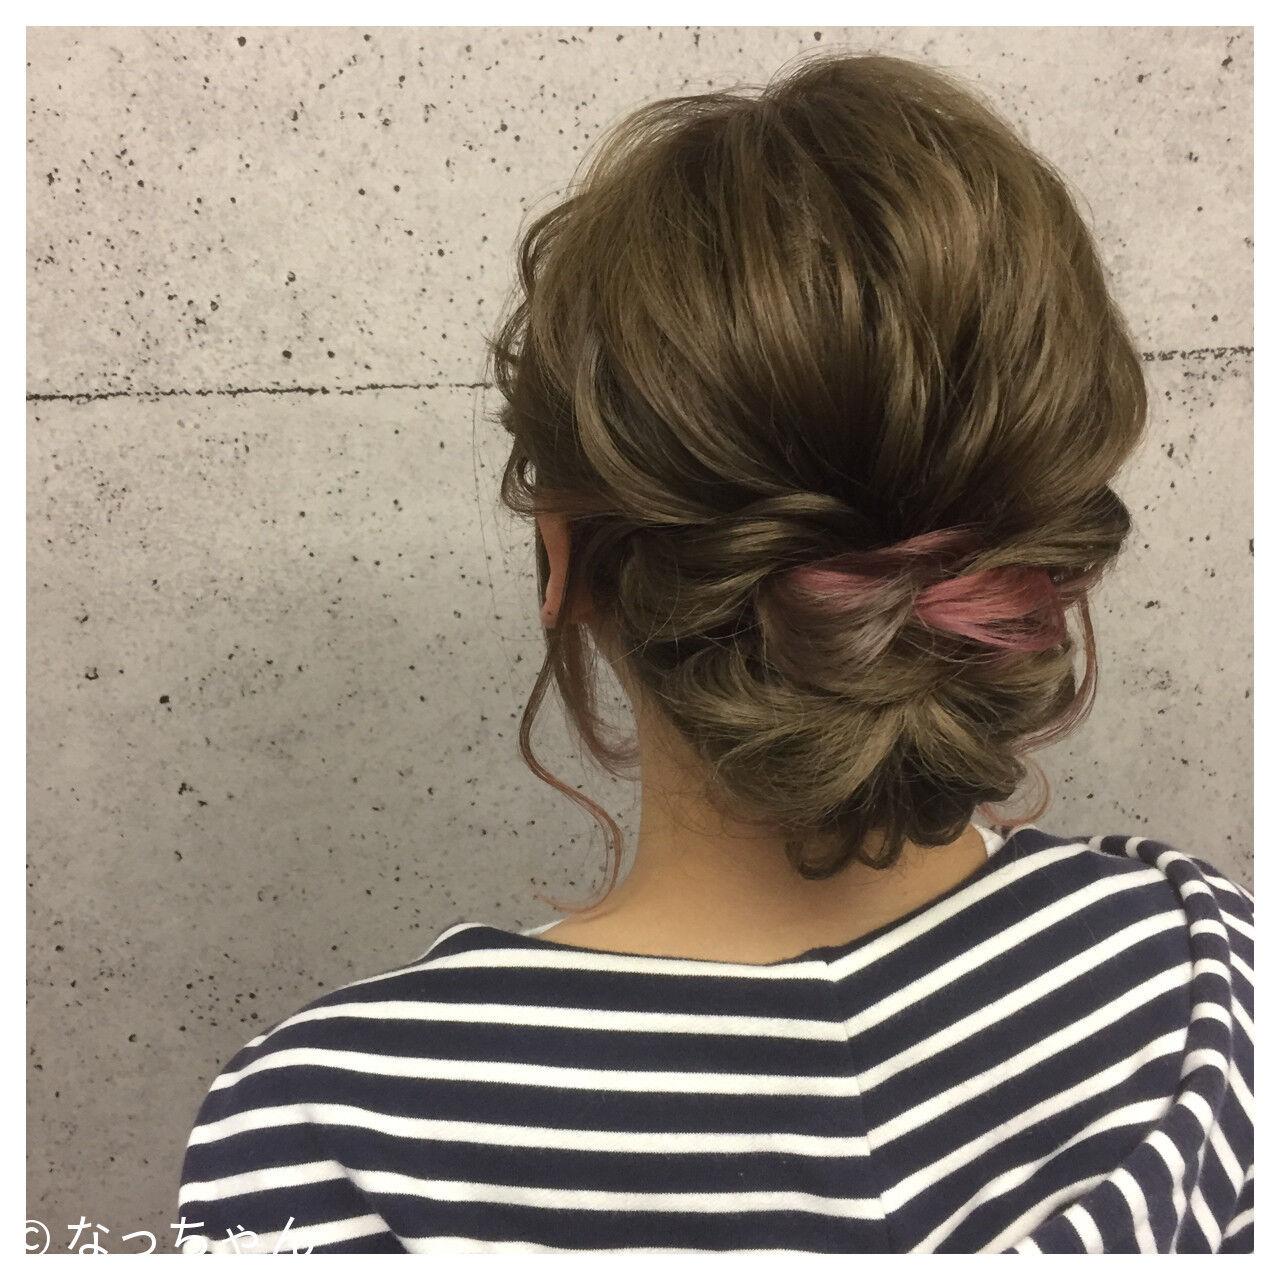 ブライダル ボブ ピンク ヘアアレンジヘアスタイルや髪型の写真・画像